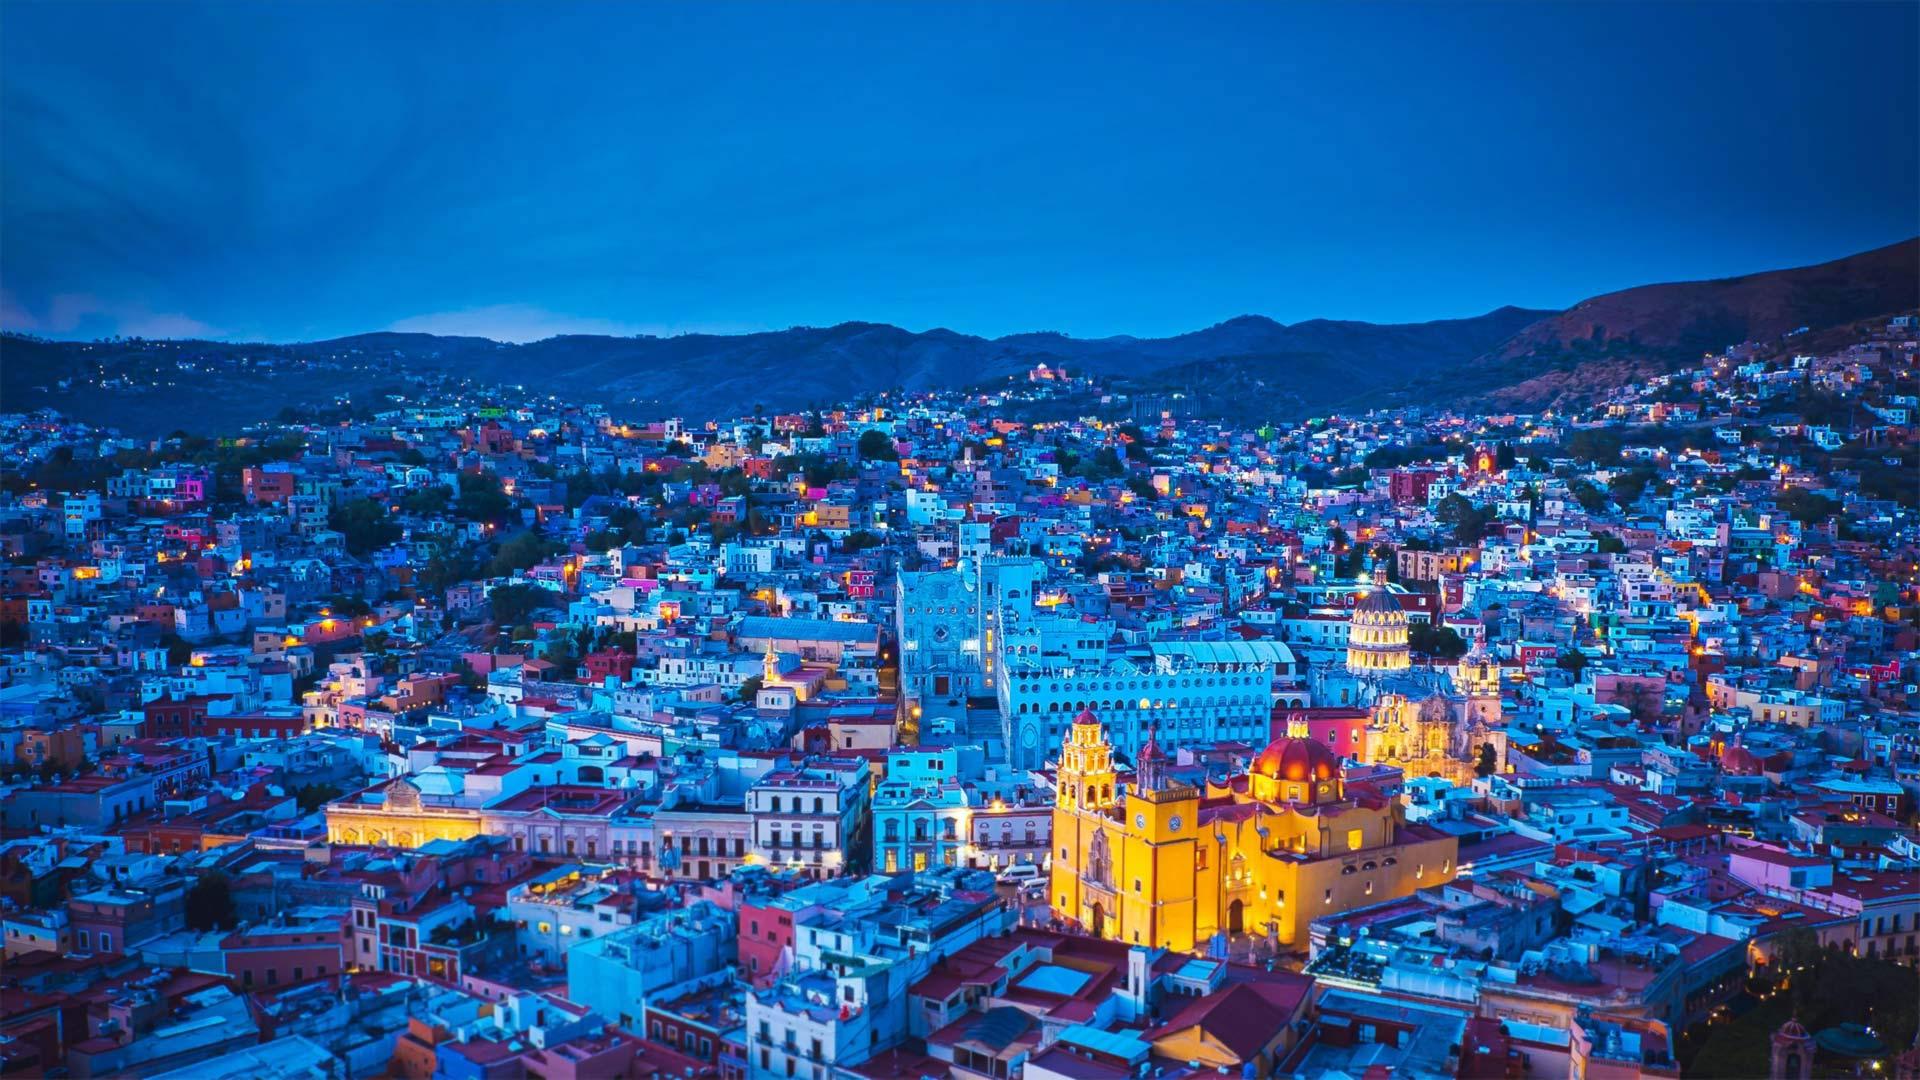 Cityof Guanajuato